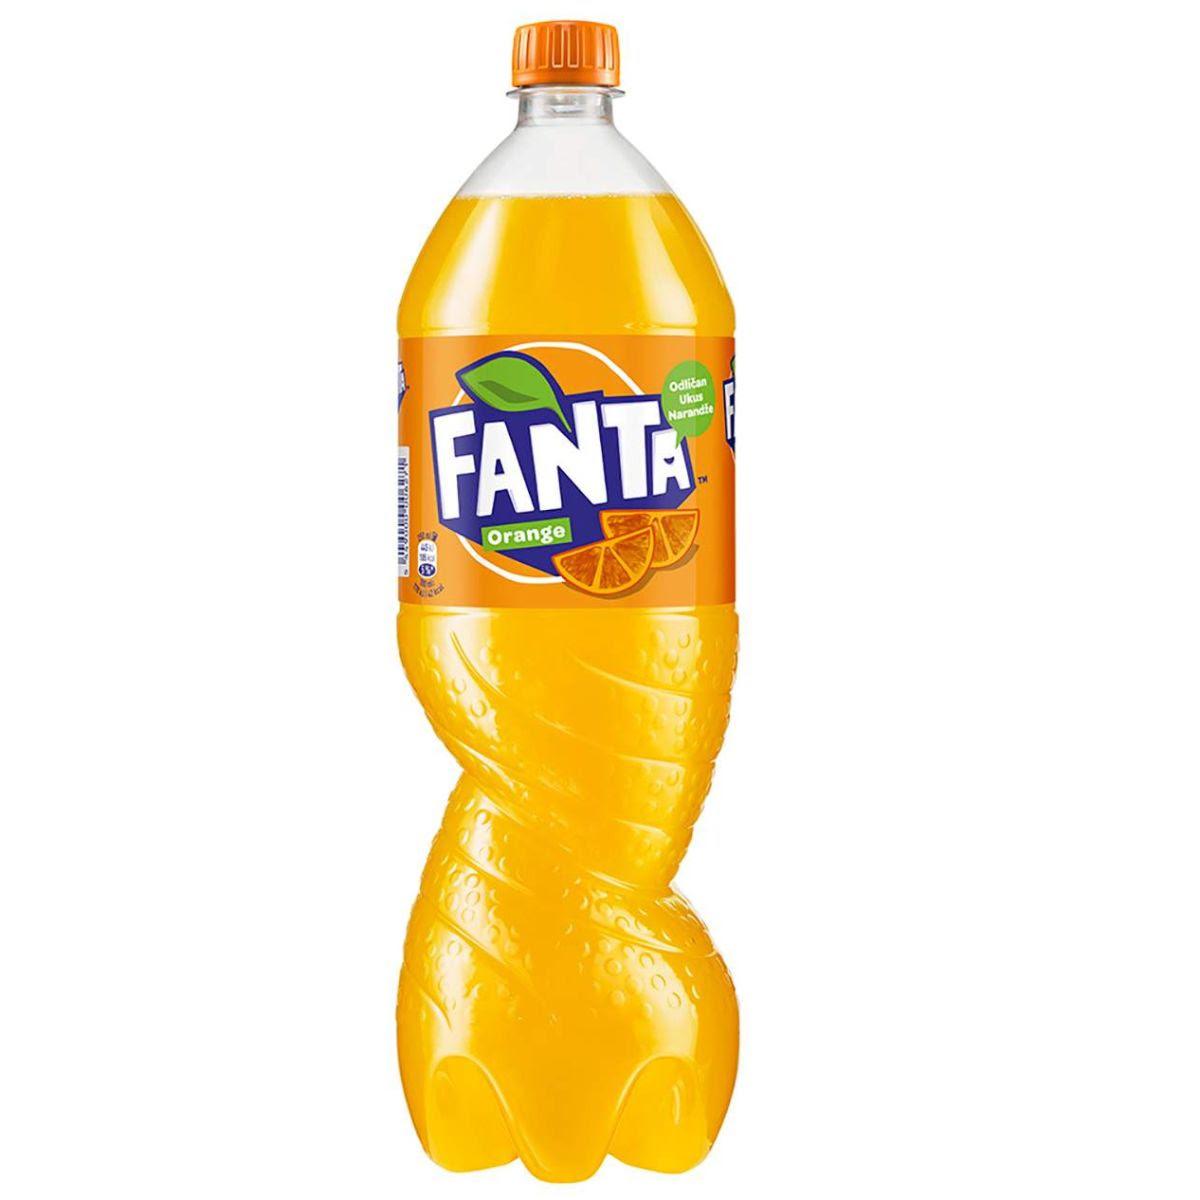 Fanta 1.5L Orange